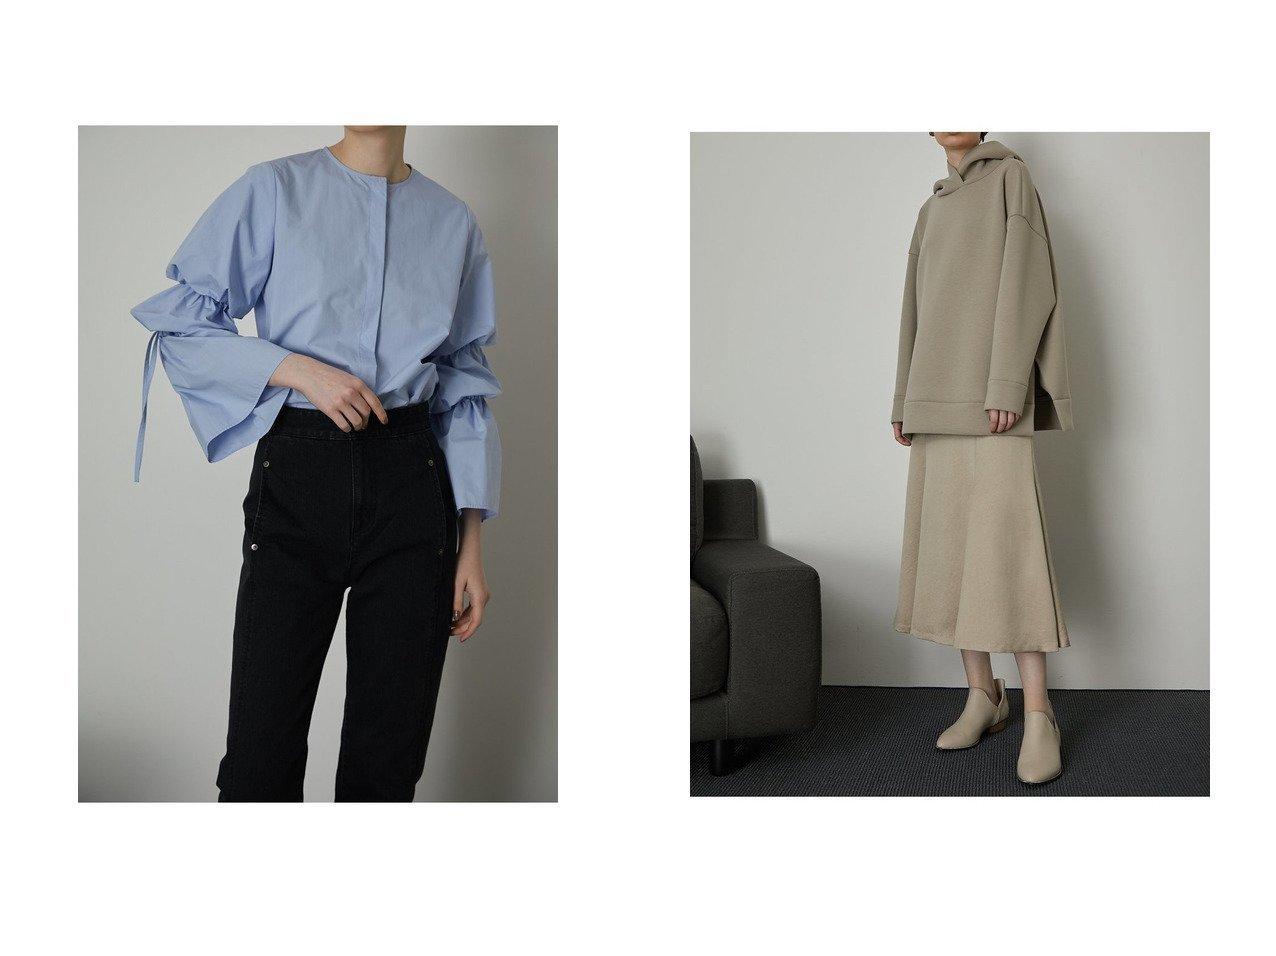 【RIM.ARK/リムアーク】のトップス&シャツ トップス・カットソーのおすすめ!人気、トレンド・レディースファッションの通販 おすすめで人気の流行・トレンド、ファッションの通販商品 メンズファッション・キッズファッション・インテリア・家具・レディースファッション・服の通販 founy(ファニー) https://founy.com/ ファッション Fashion レディースファッション WOMEN トップス カットソー Tops Tshirt シャツ/ブラウス Shirts Blouses ロング / Tシャツ T-Shirts カットソー Cut and Sewn 2021年 2021 2021 春夏 S/S SS Spring/Summer 2021 S/S 春夏 SS Spring/Summer スリーブ フェミニン メンズ ロング 春 Spring |ID:crp329100000023402